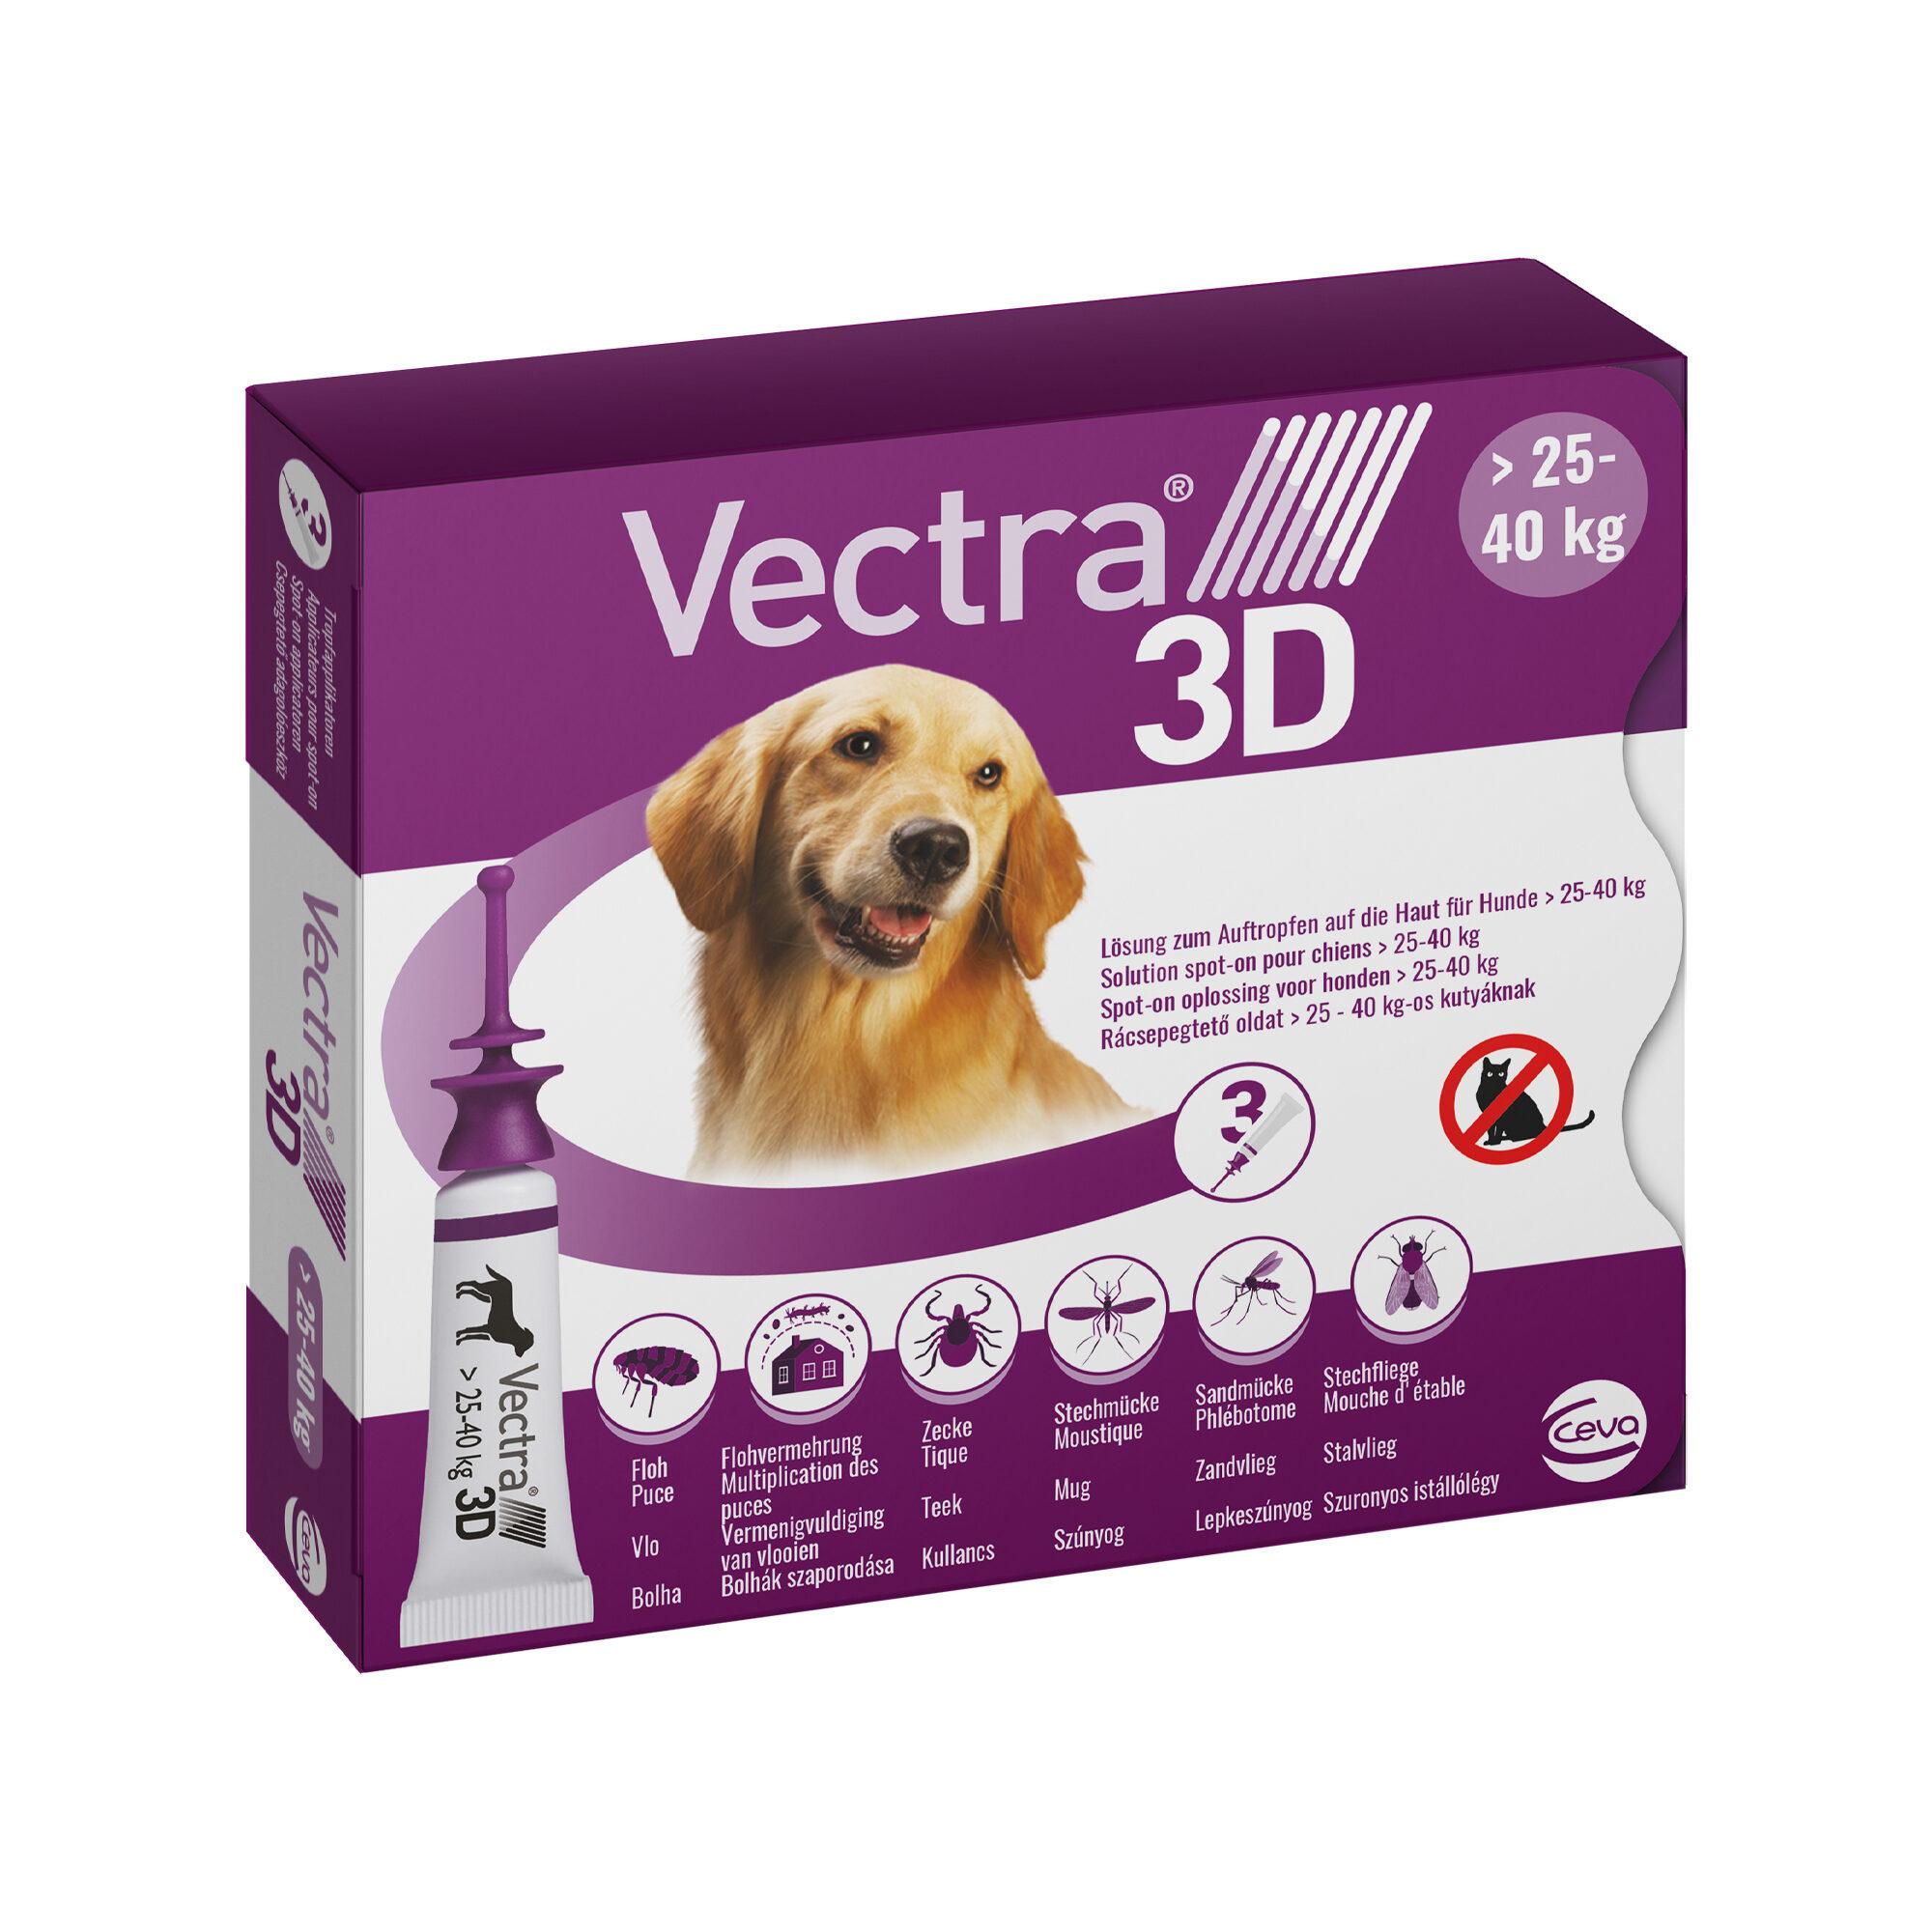 Vectra 3D Dog L - 25 bis 40 kg